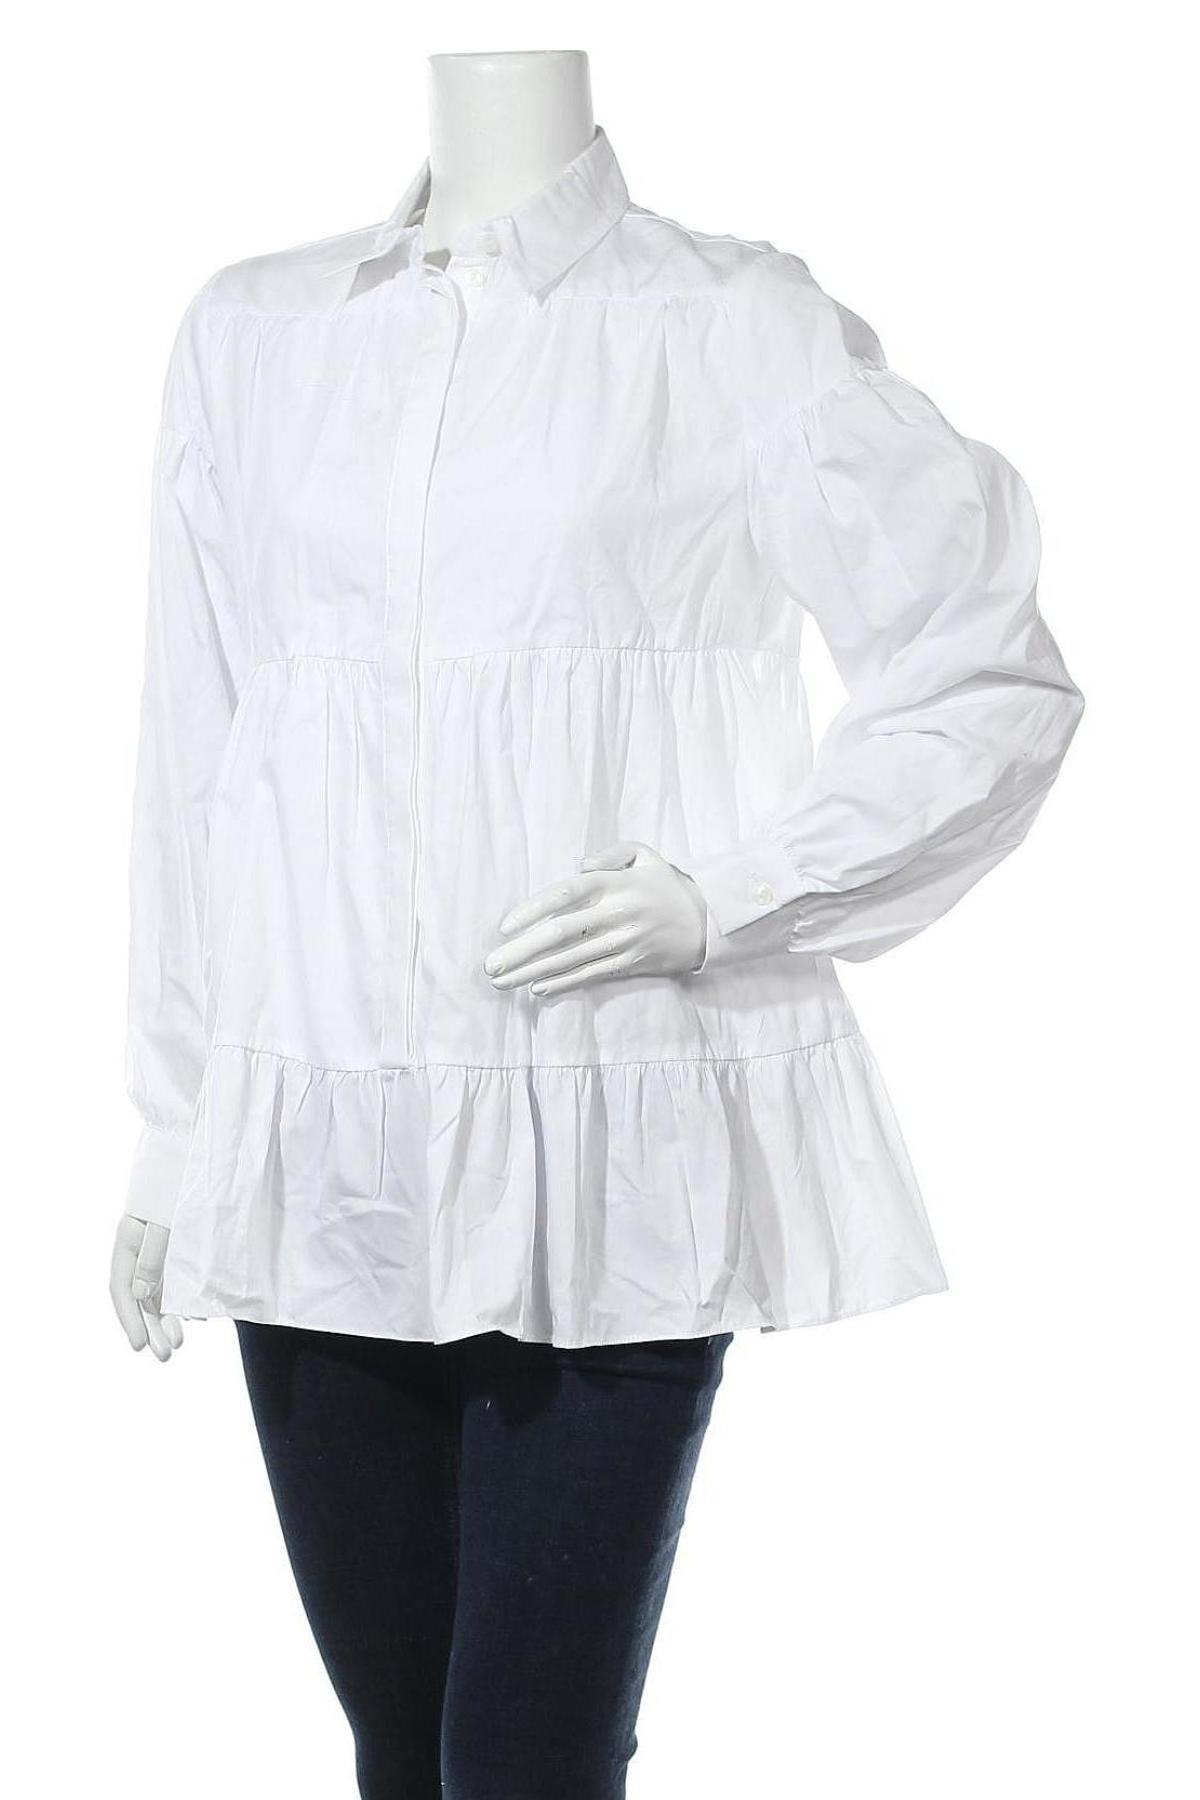 Τουνίκ Topshop, Μέγεθος L, Χρώμα Λευκό, Βαμβάκι, Τιμή 20,63€